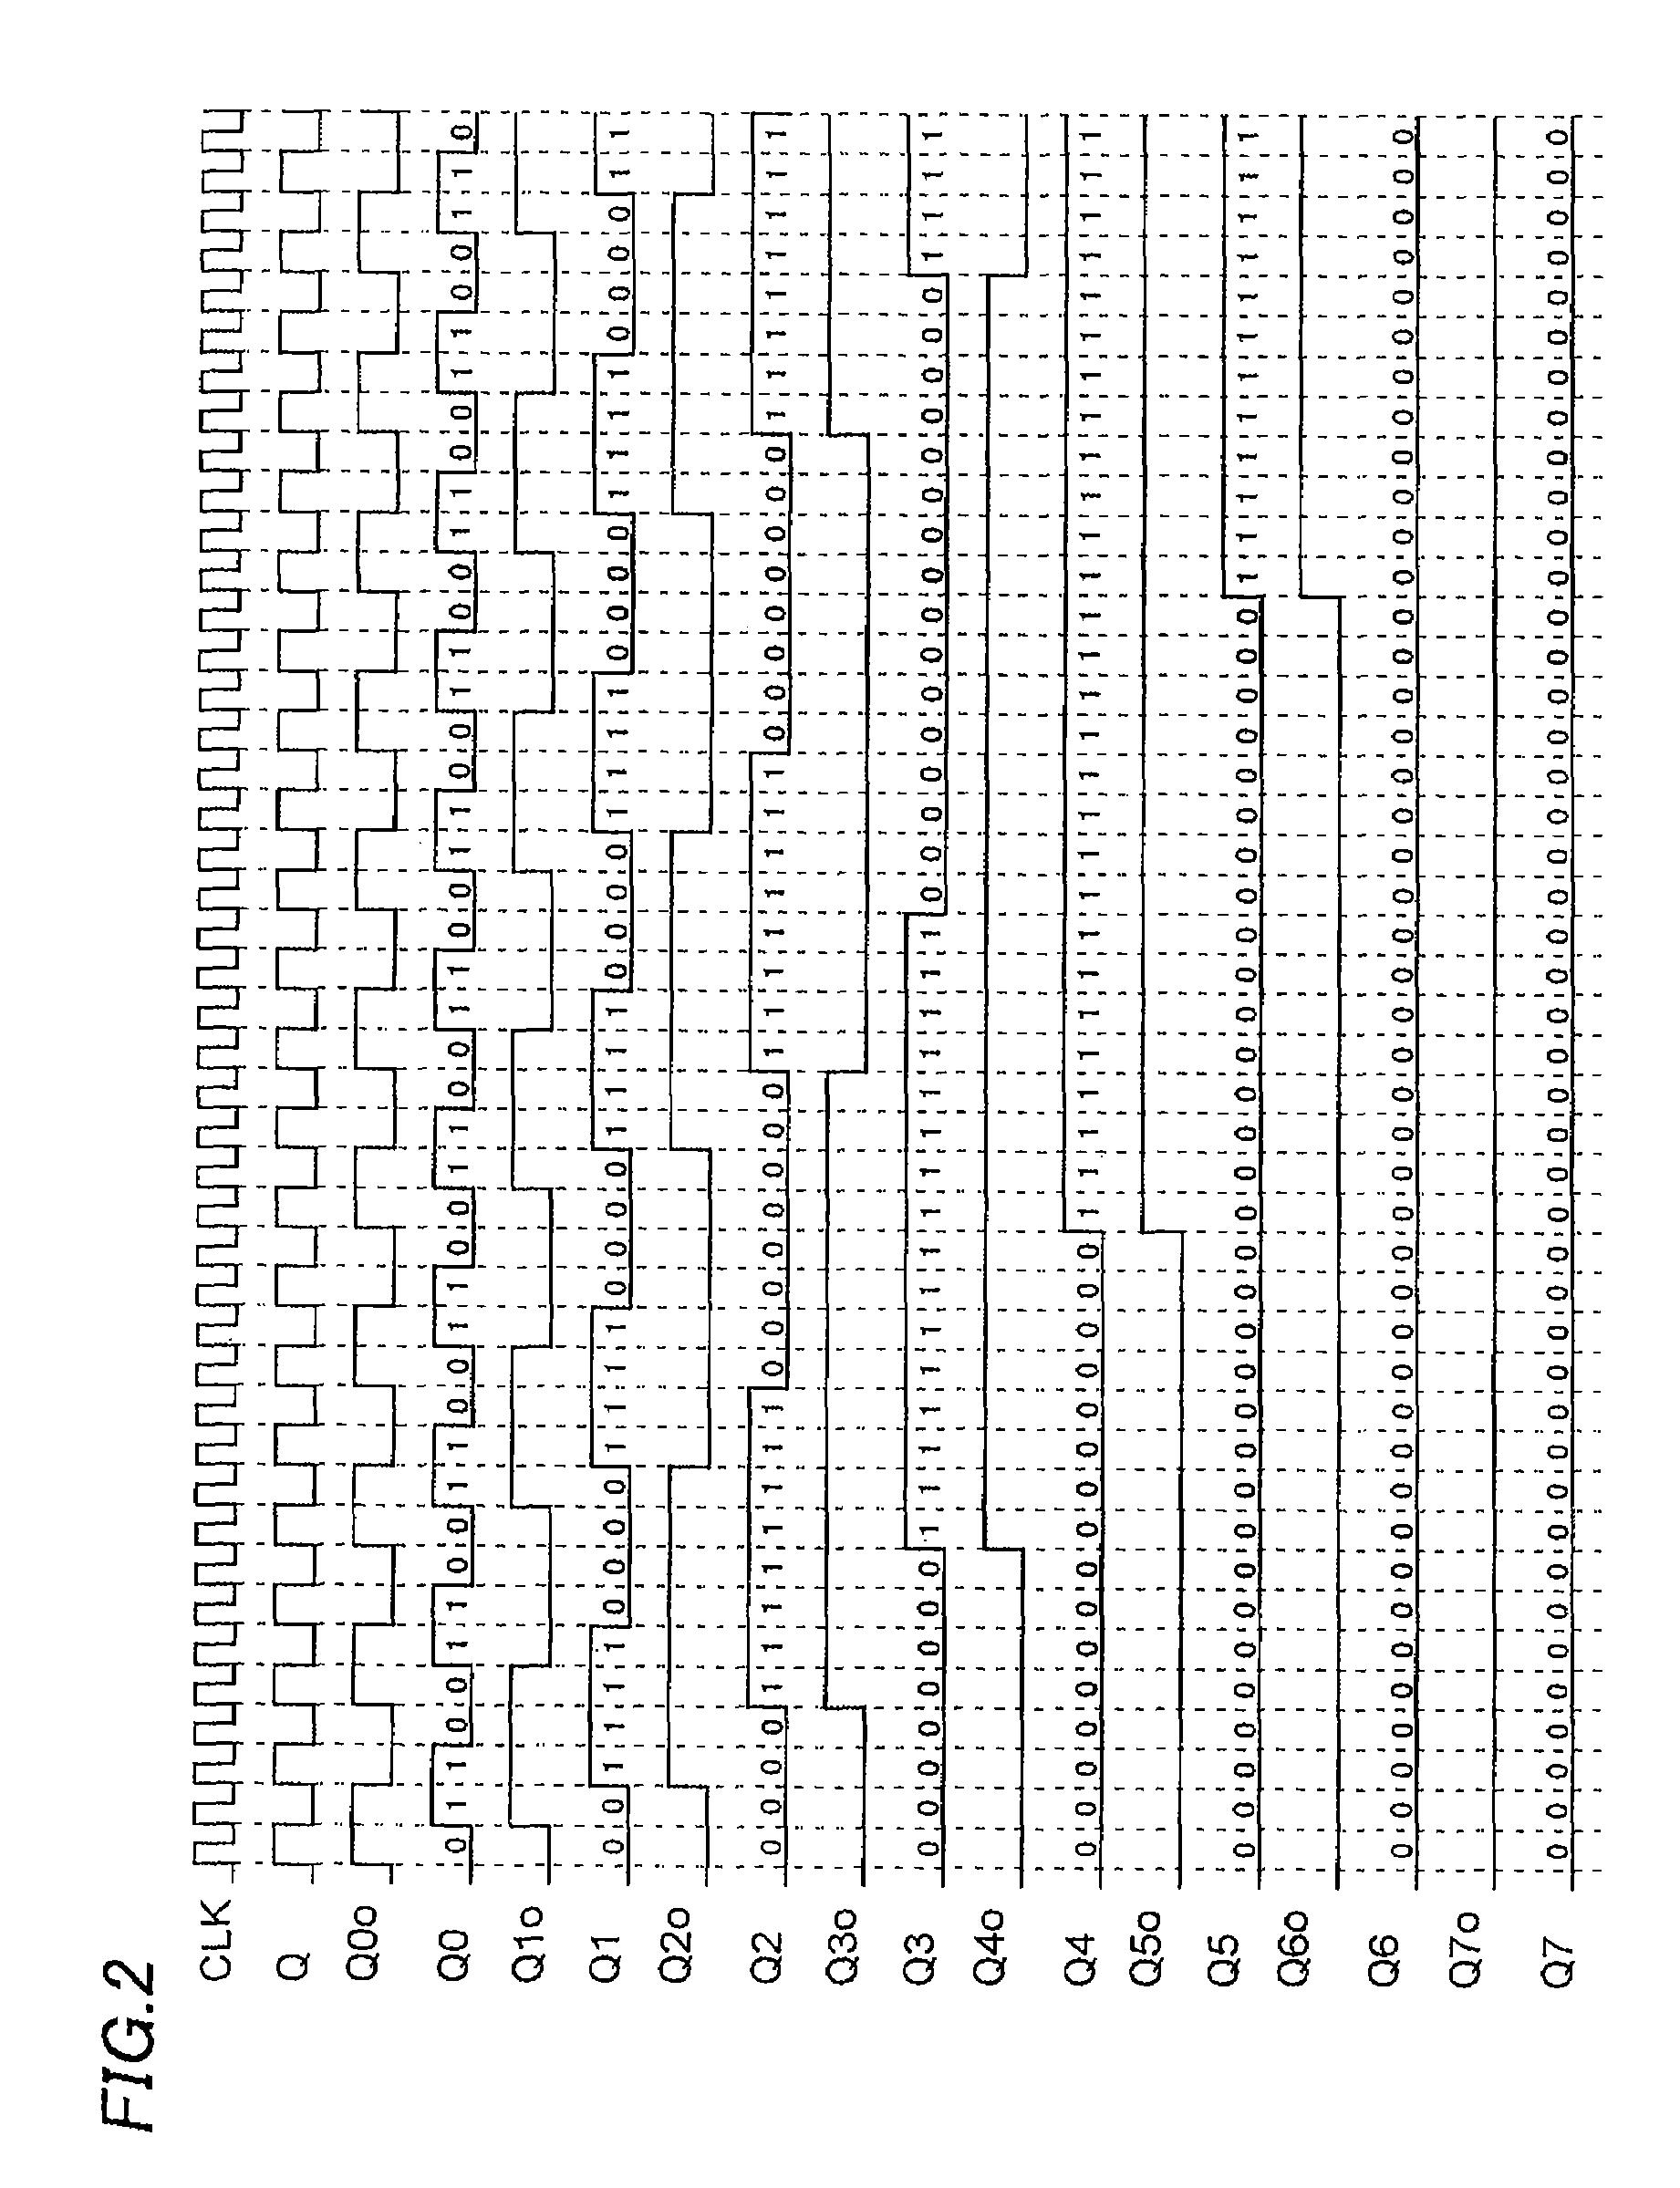 Gray Code Counter Circuit